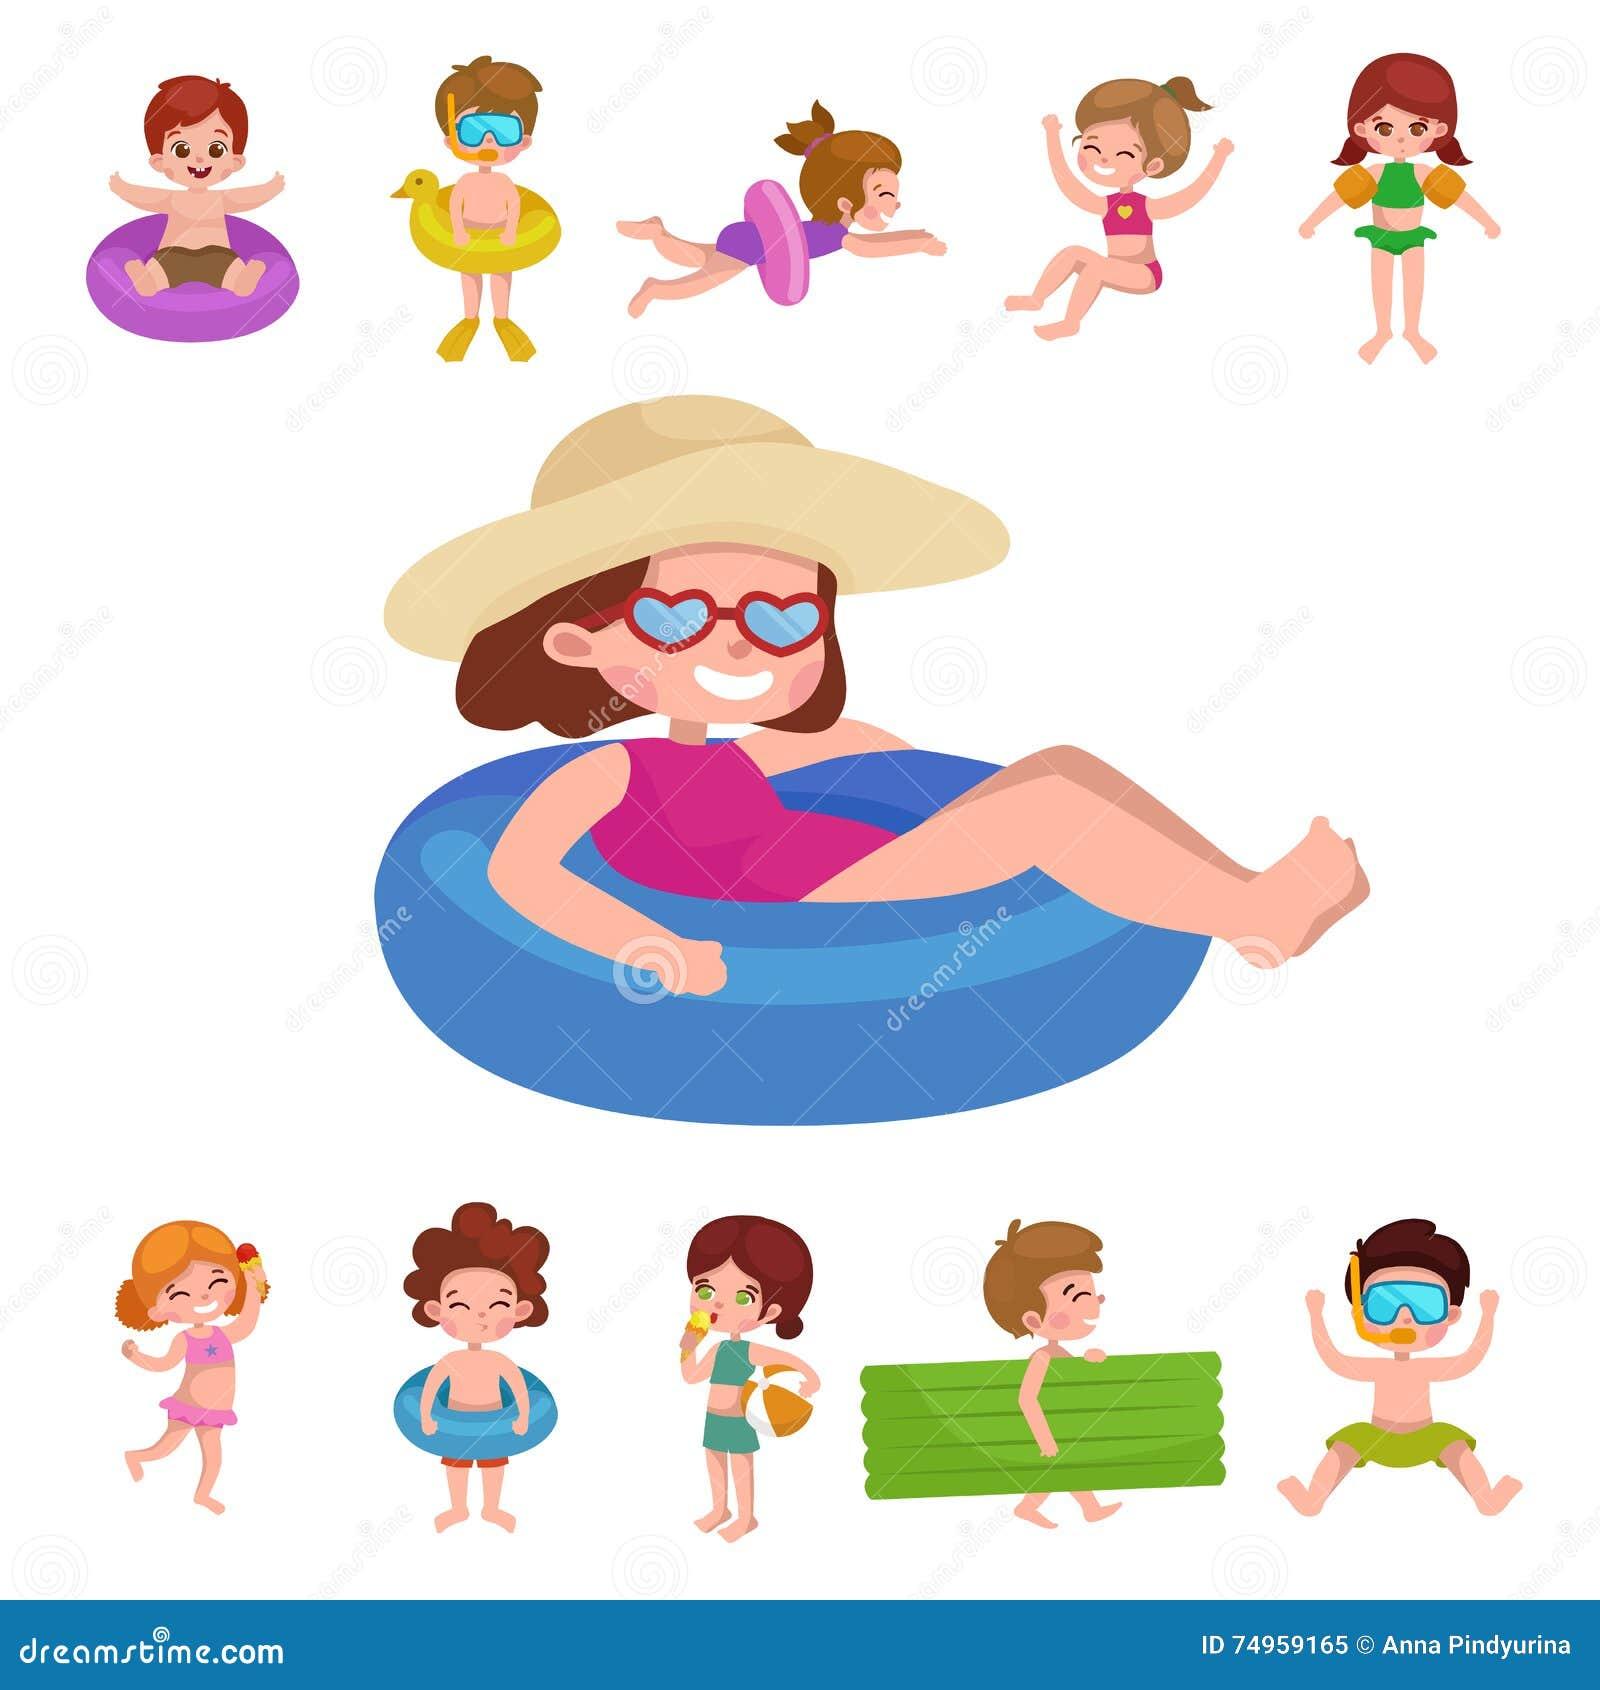 m dchen und junge im badeanzug kindersommerferien vektor abbildung bild 74959165. Black Bedroom Furniture Sets. Home Design Ideas